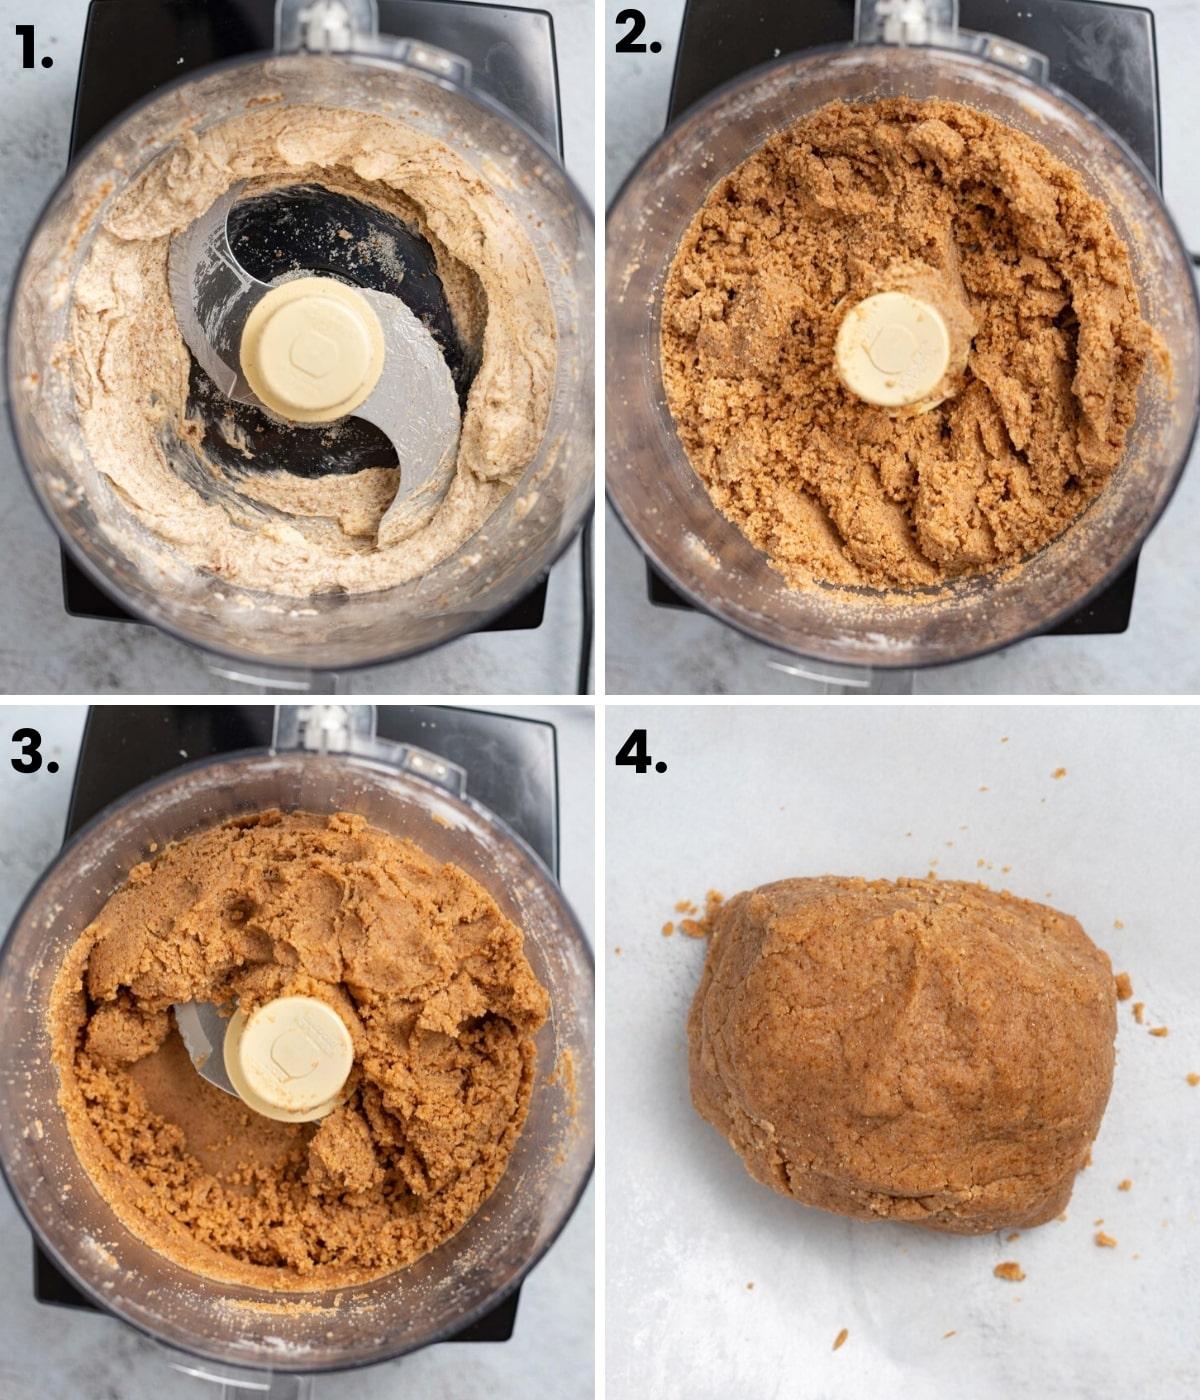 making graham cracker dough